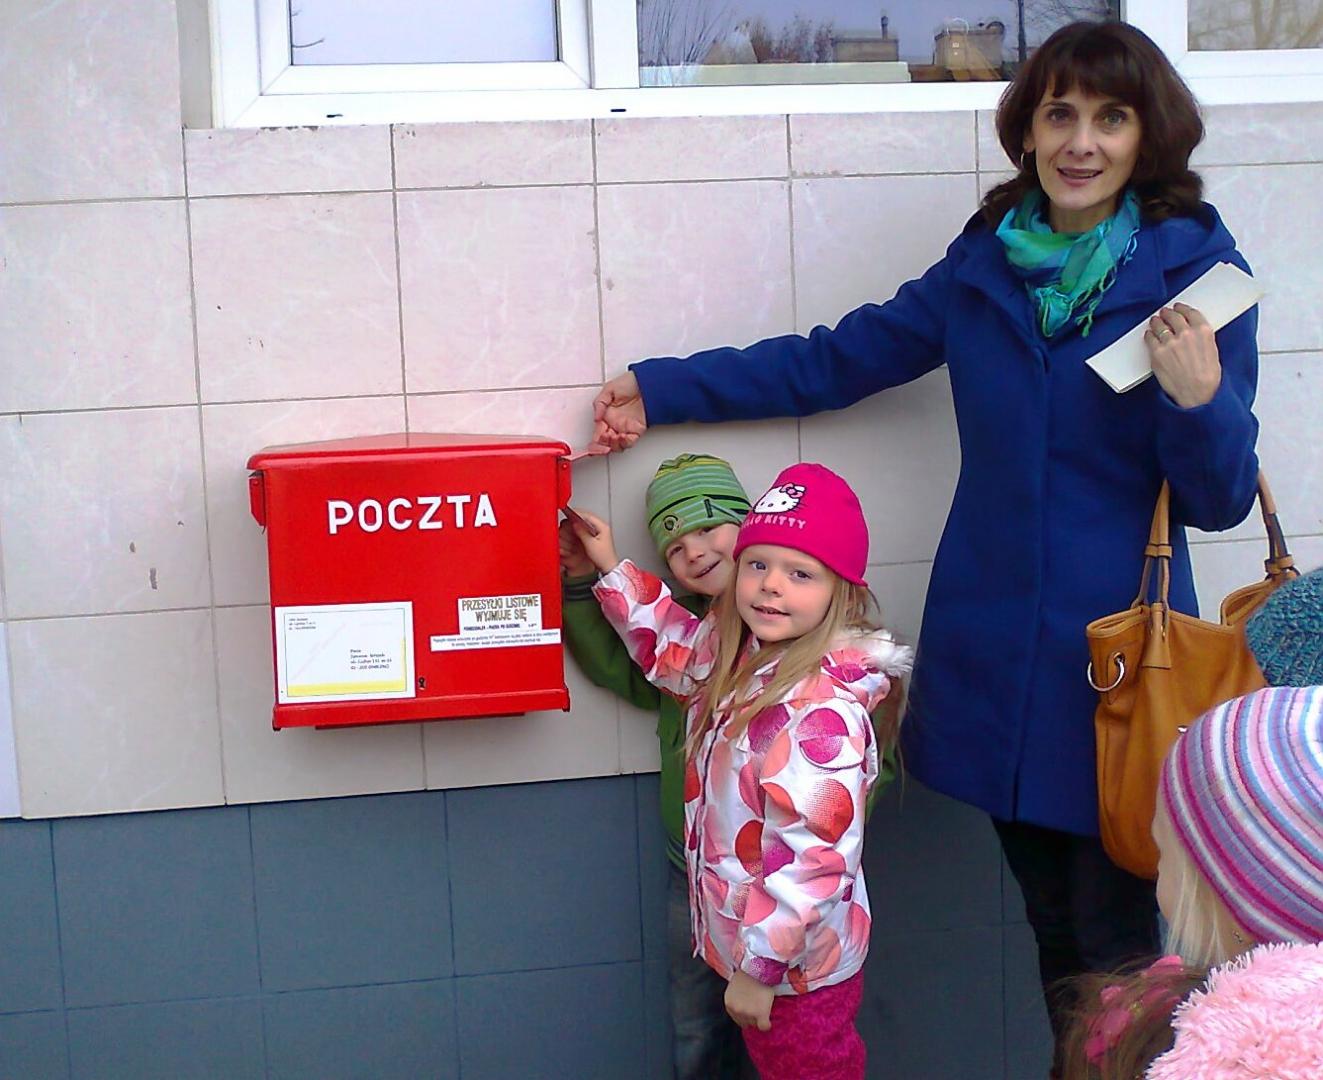 poczta-10